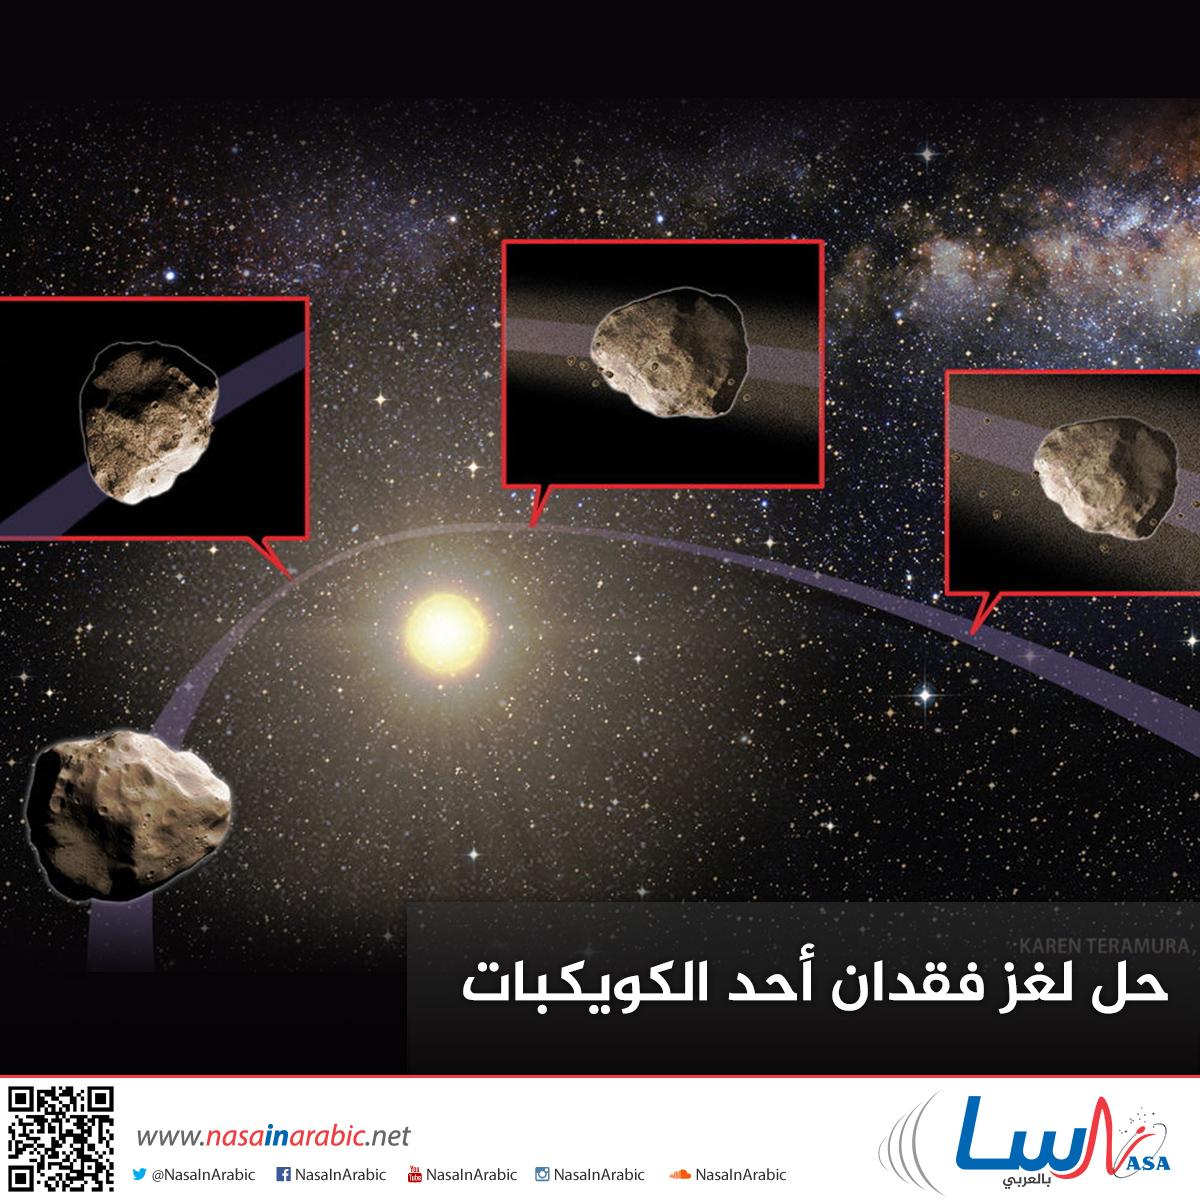 حل لغز فقدان أحد الكويكبات